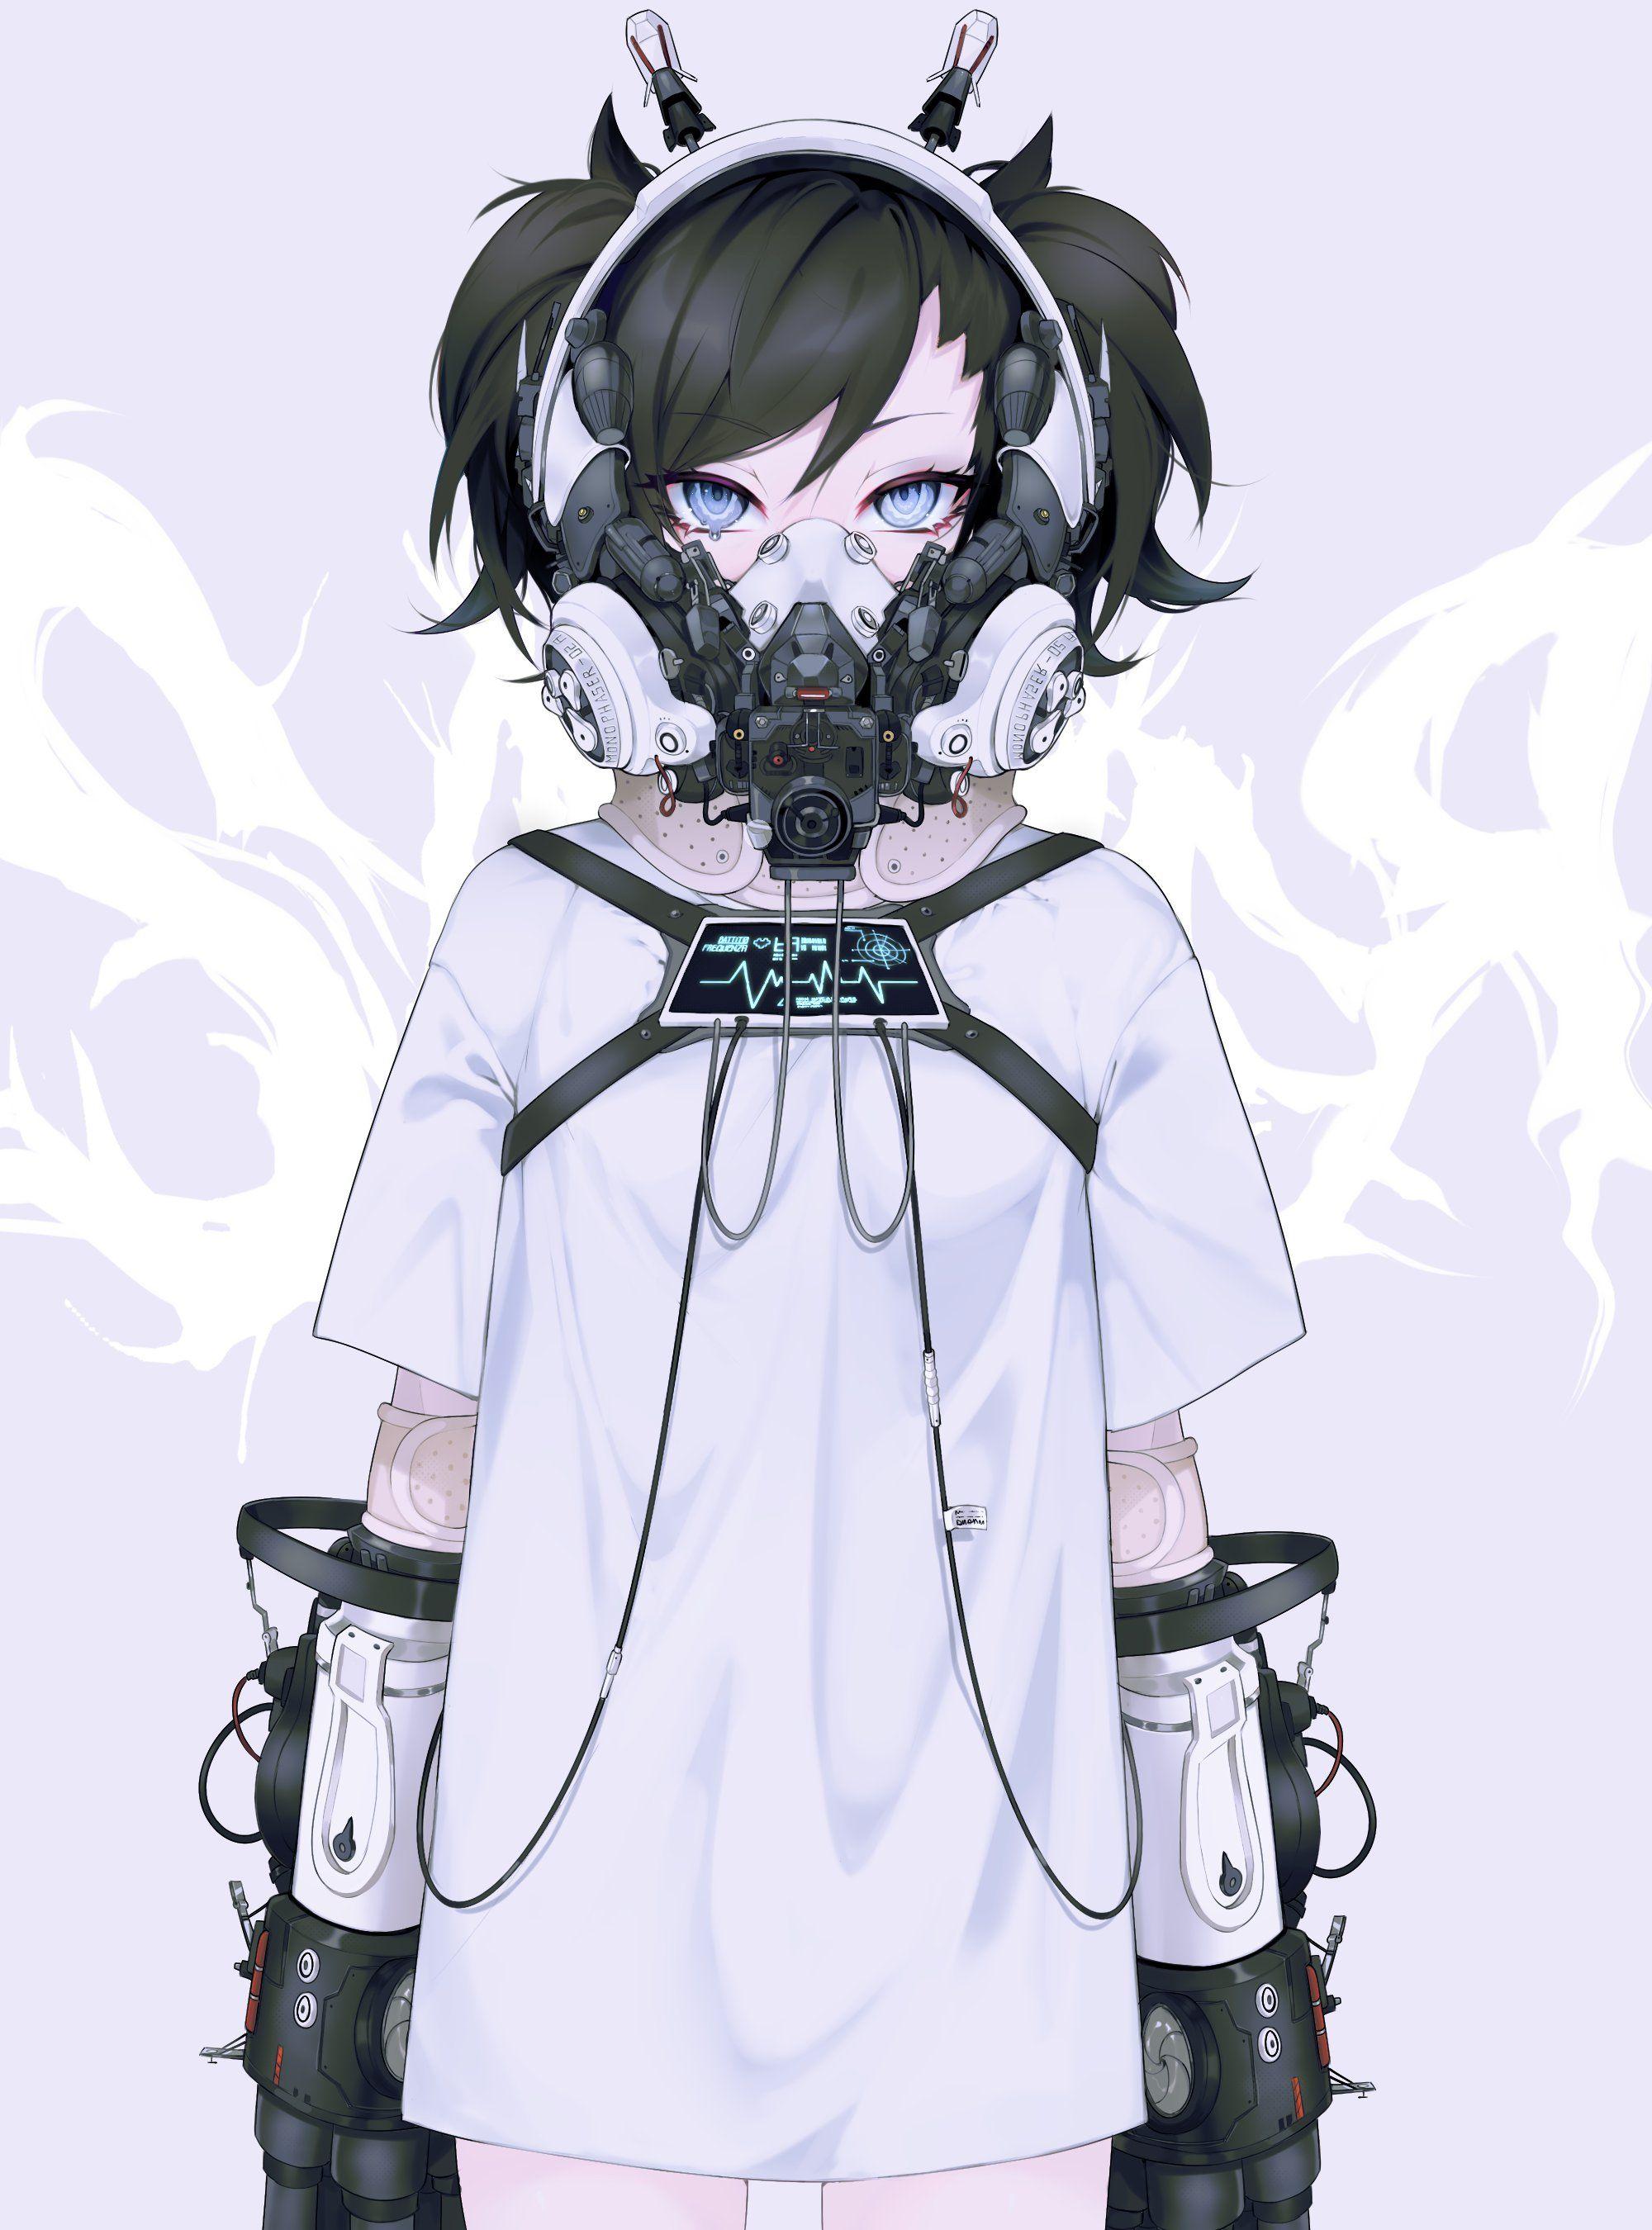 ONCHA*不適合 on Twitter in 2020 Cyberpunk girl, Cyberpunk